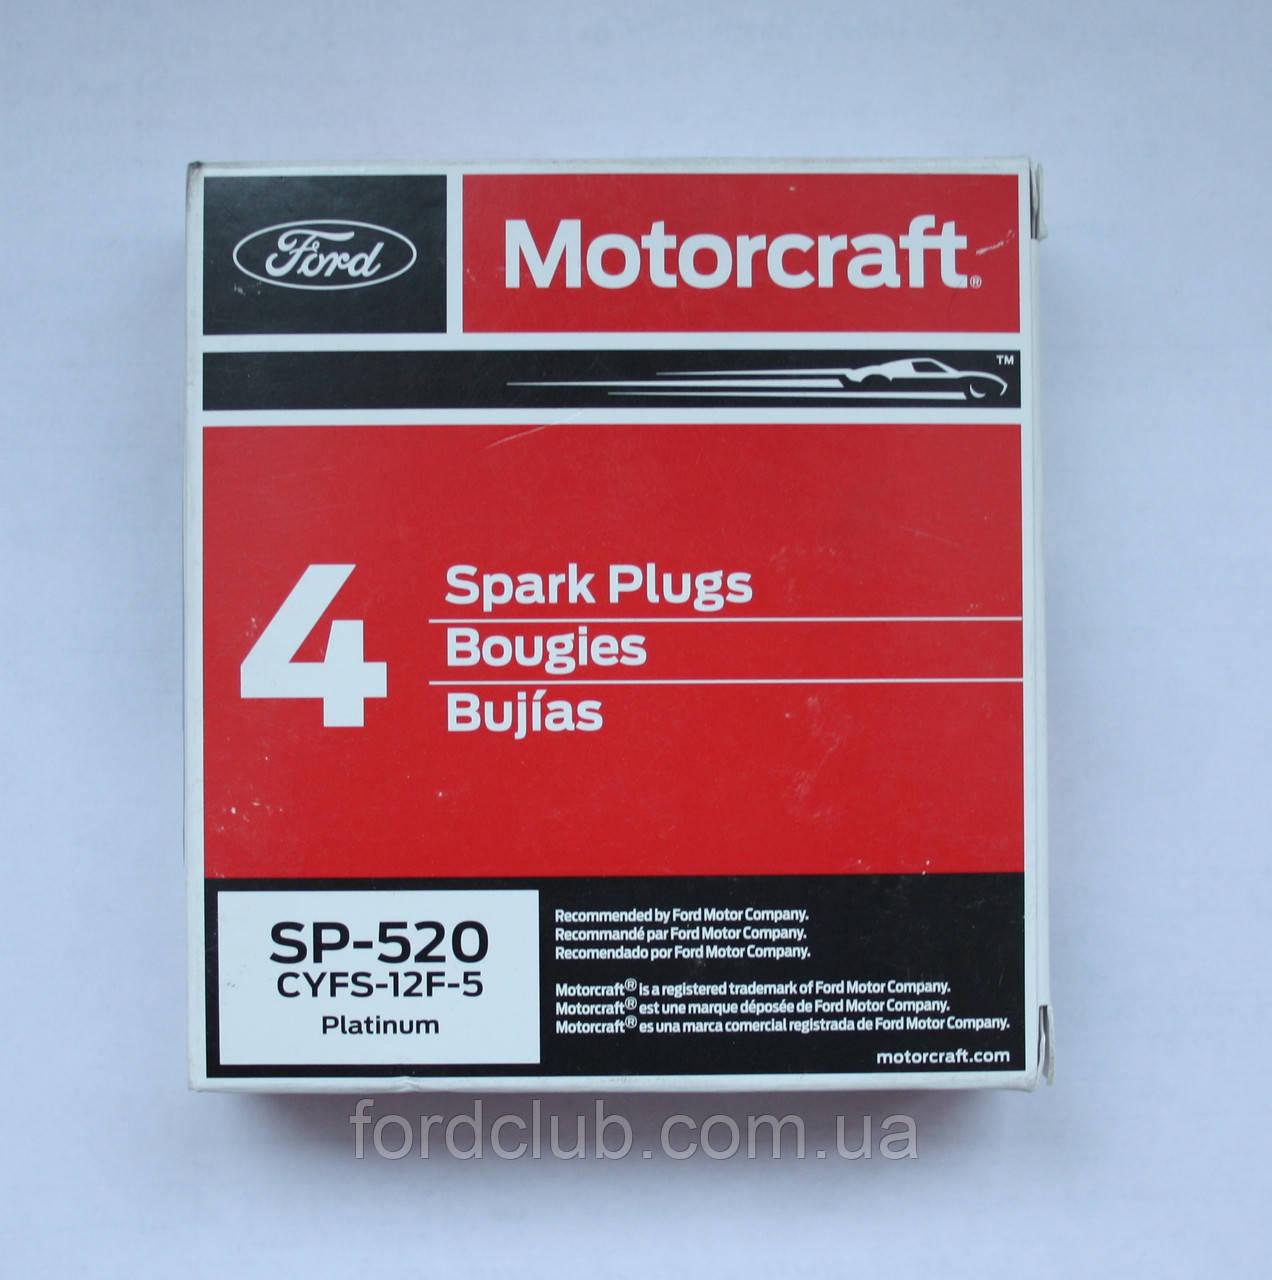 Свечи Ford Edge USA 3.5; Motorcraft SP-520 6 шт